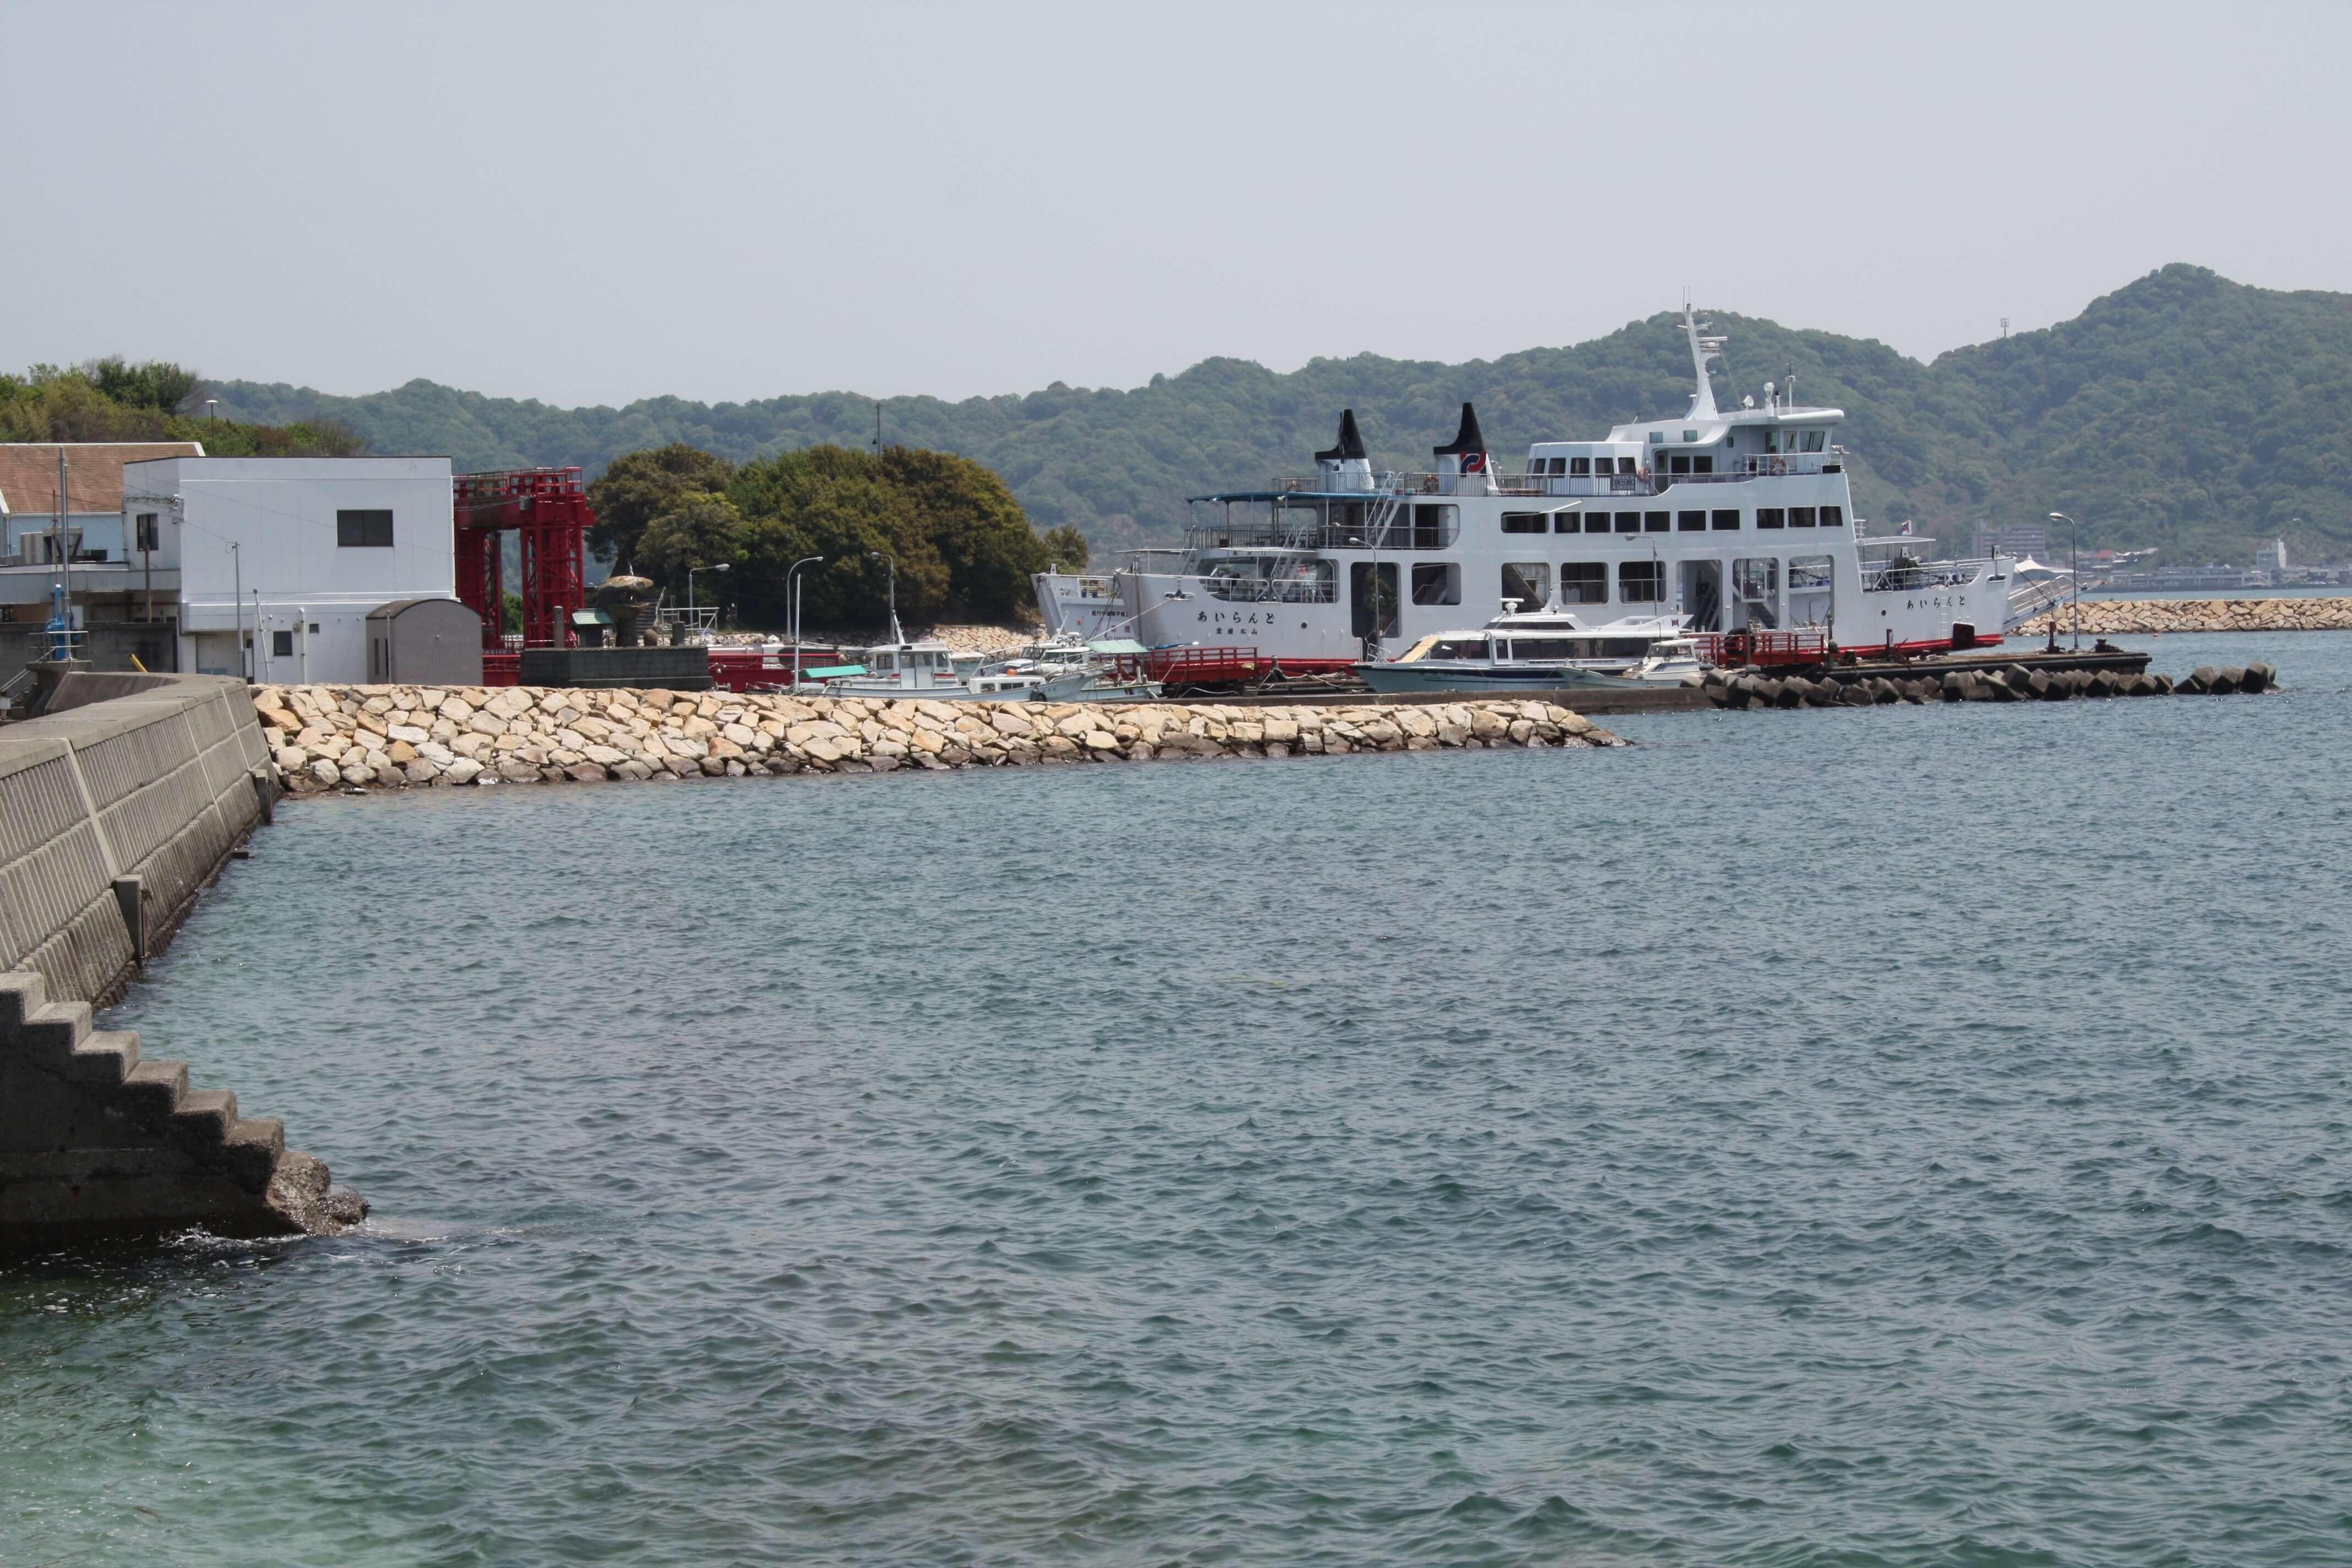 興居島 由良港